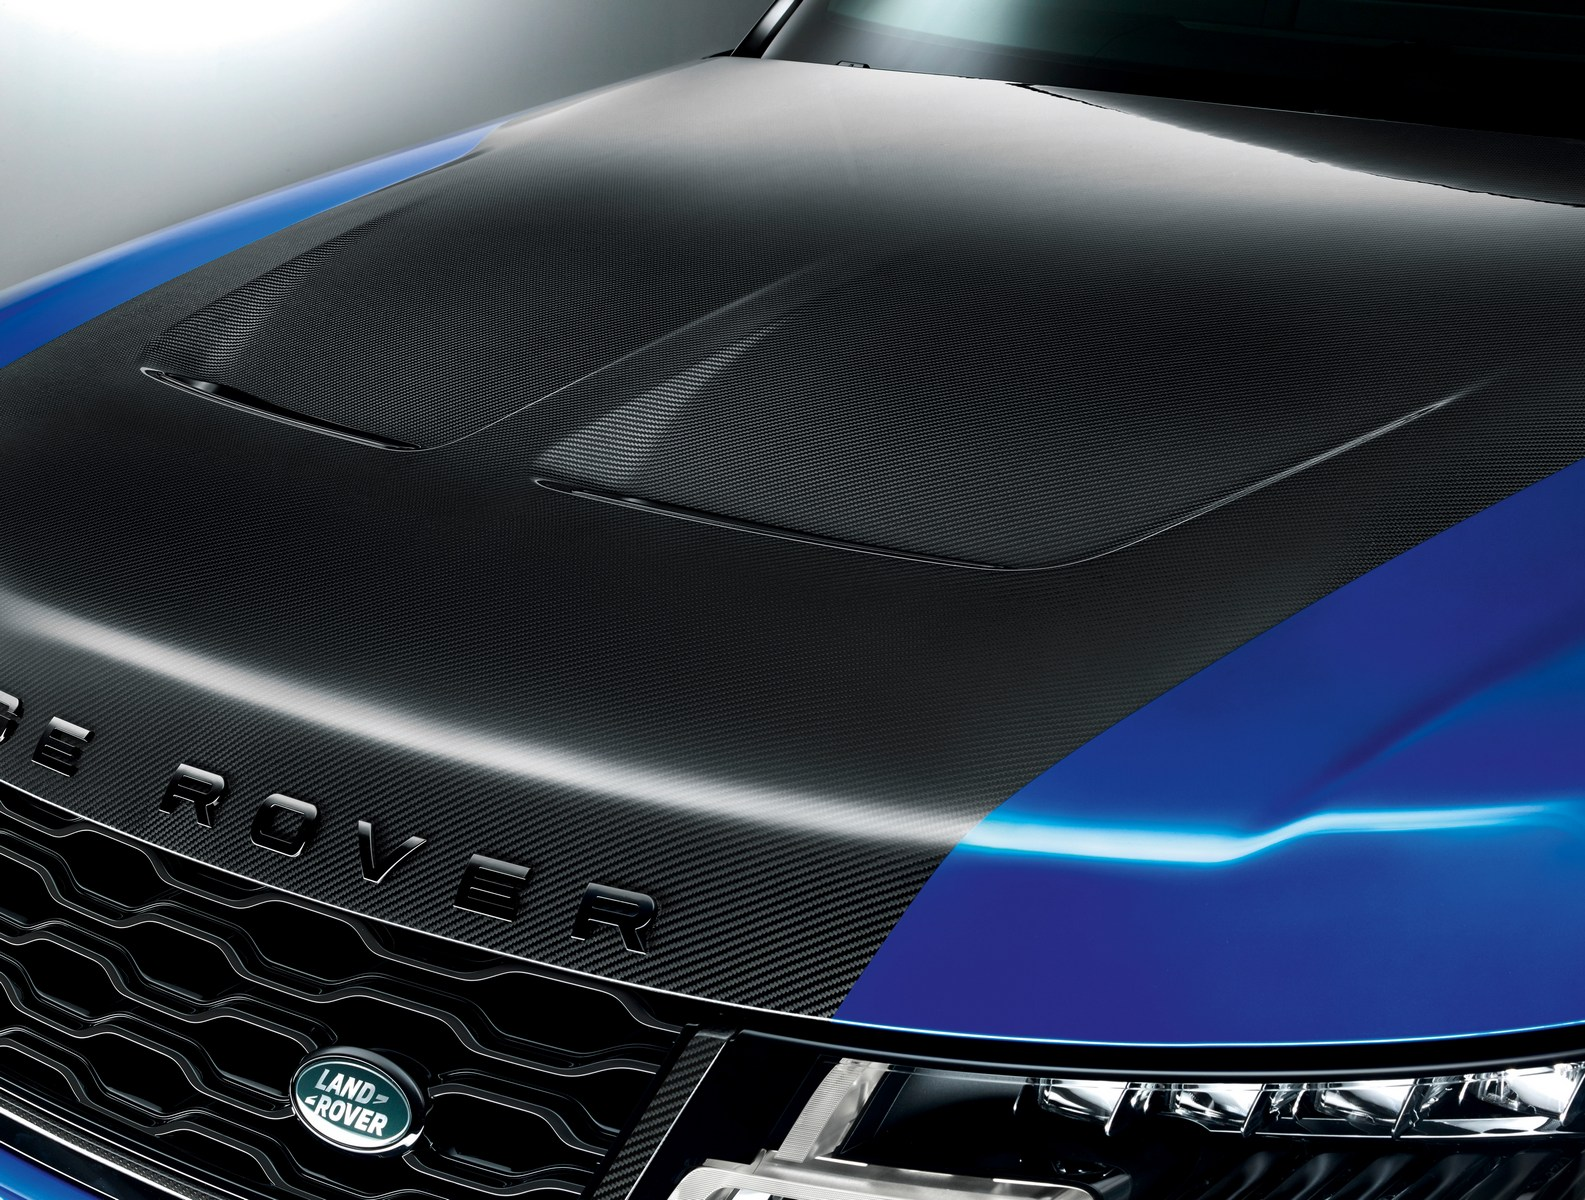 2018_Range_Rover_Sport_SVR_Facelift_01